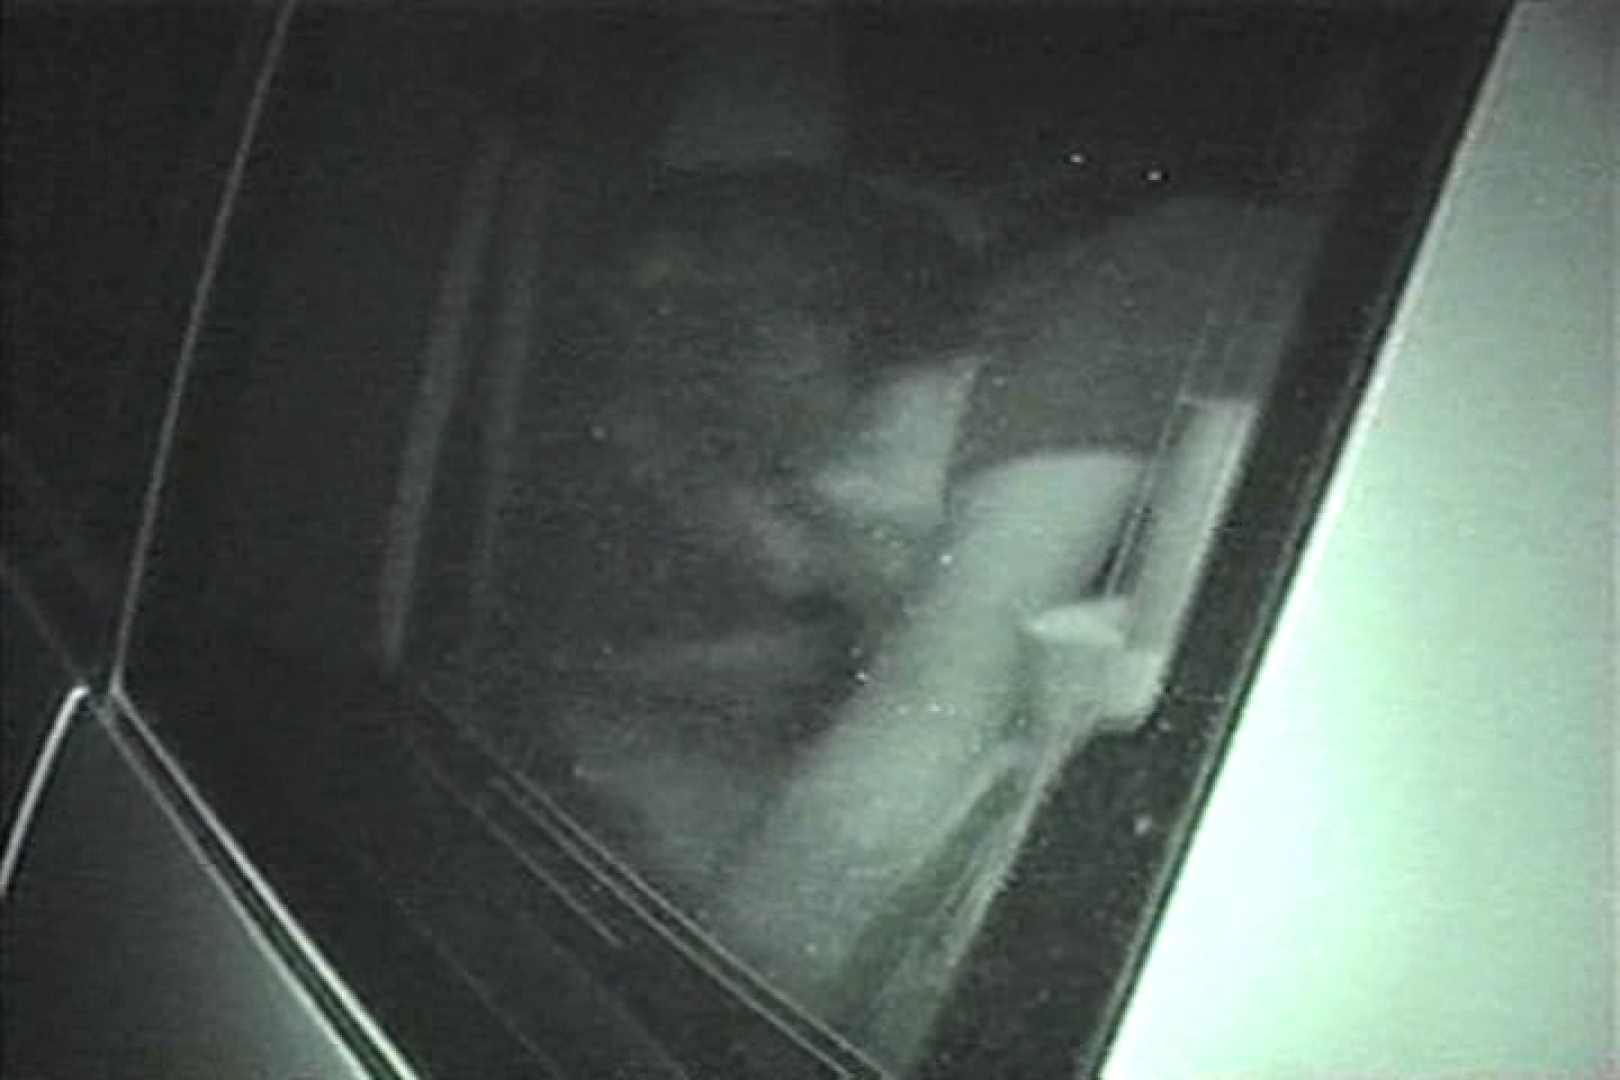 MASAさんの待ち伏せ撮り! 赤外線カーセックスVol.11 エロティックなOL すけべAV動画紹介 87画像 11